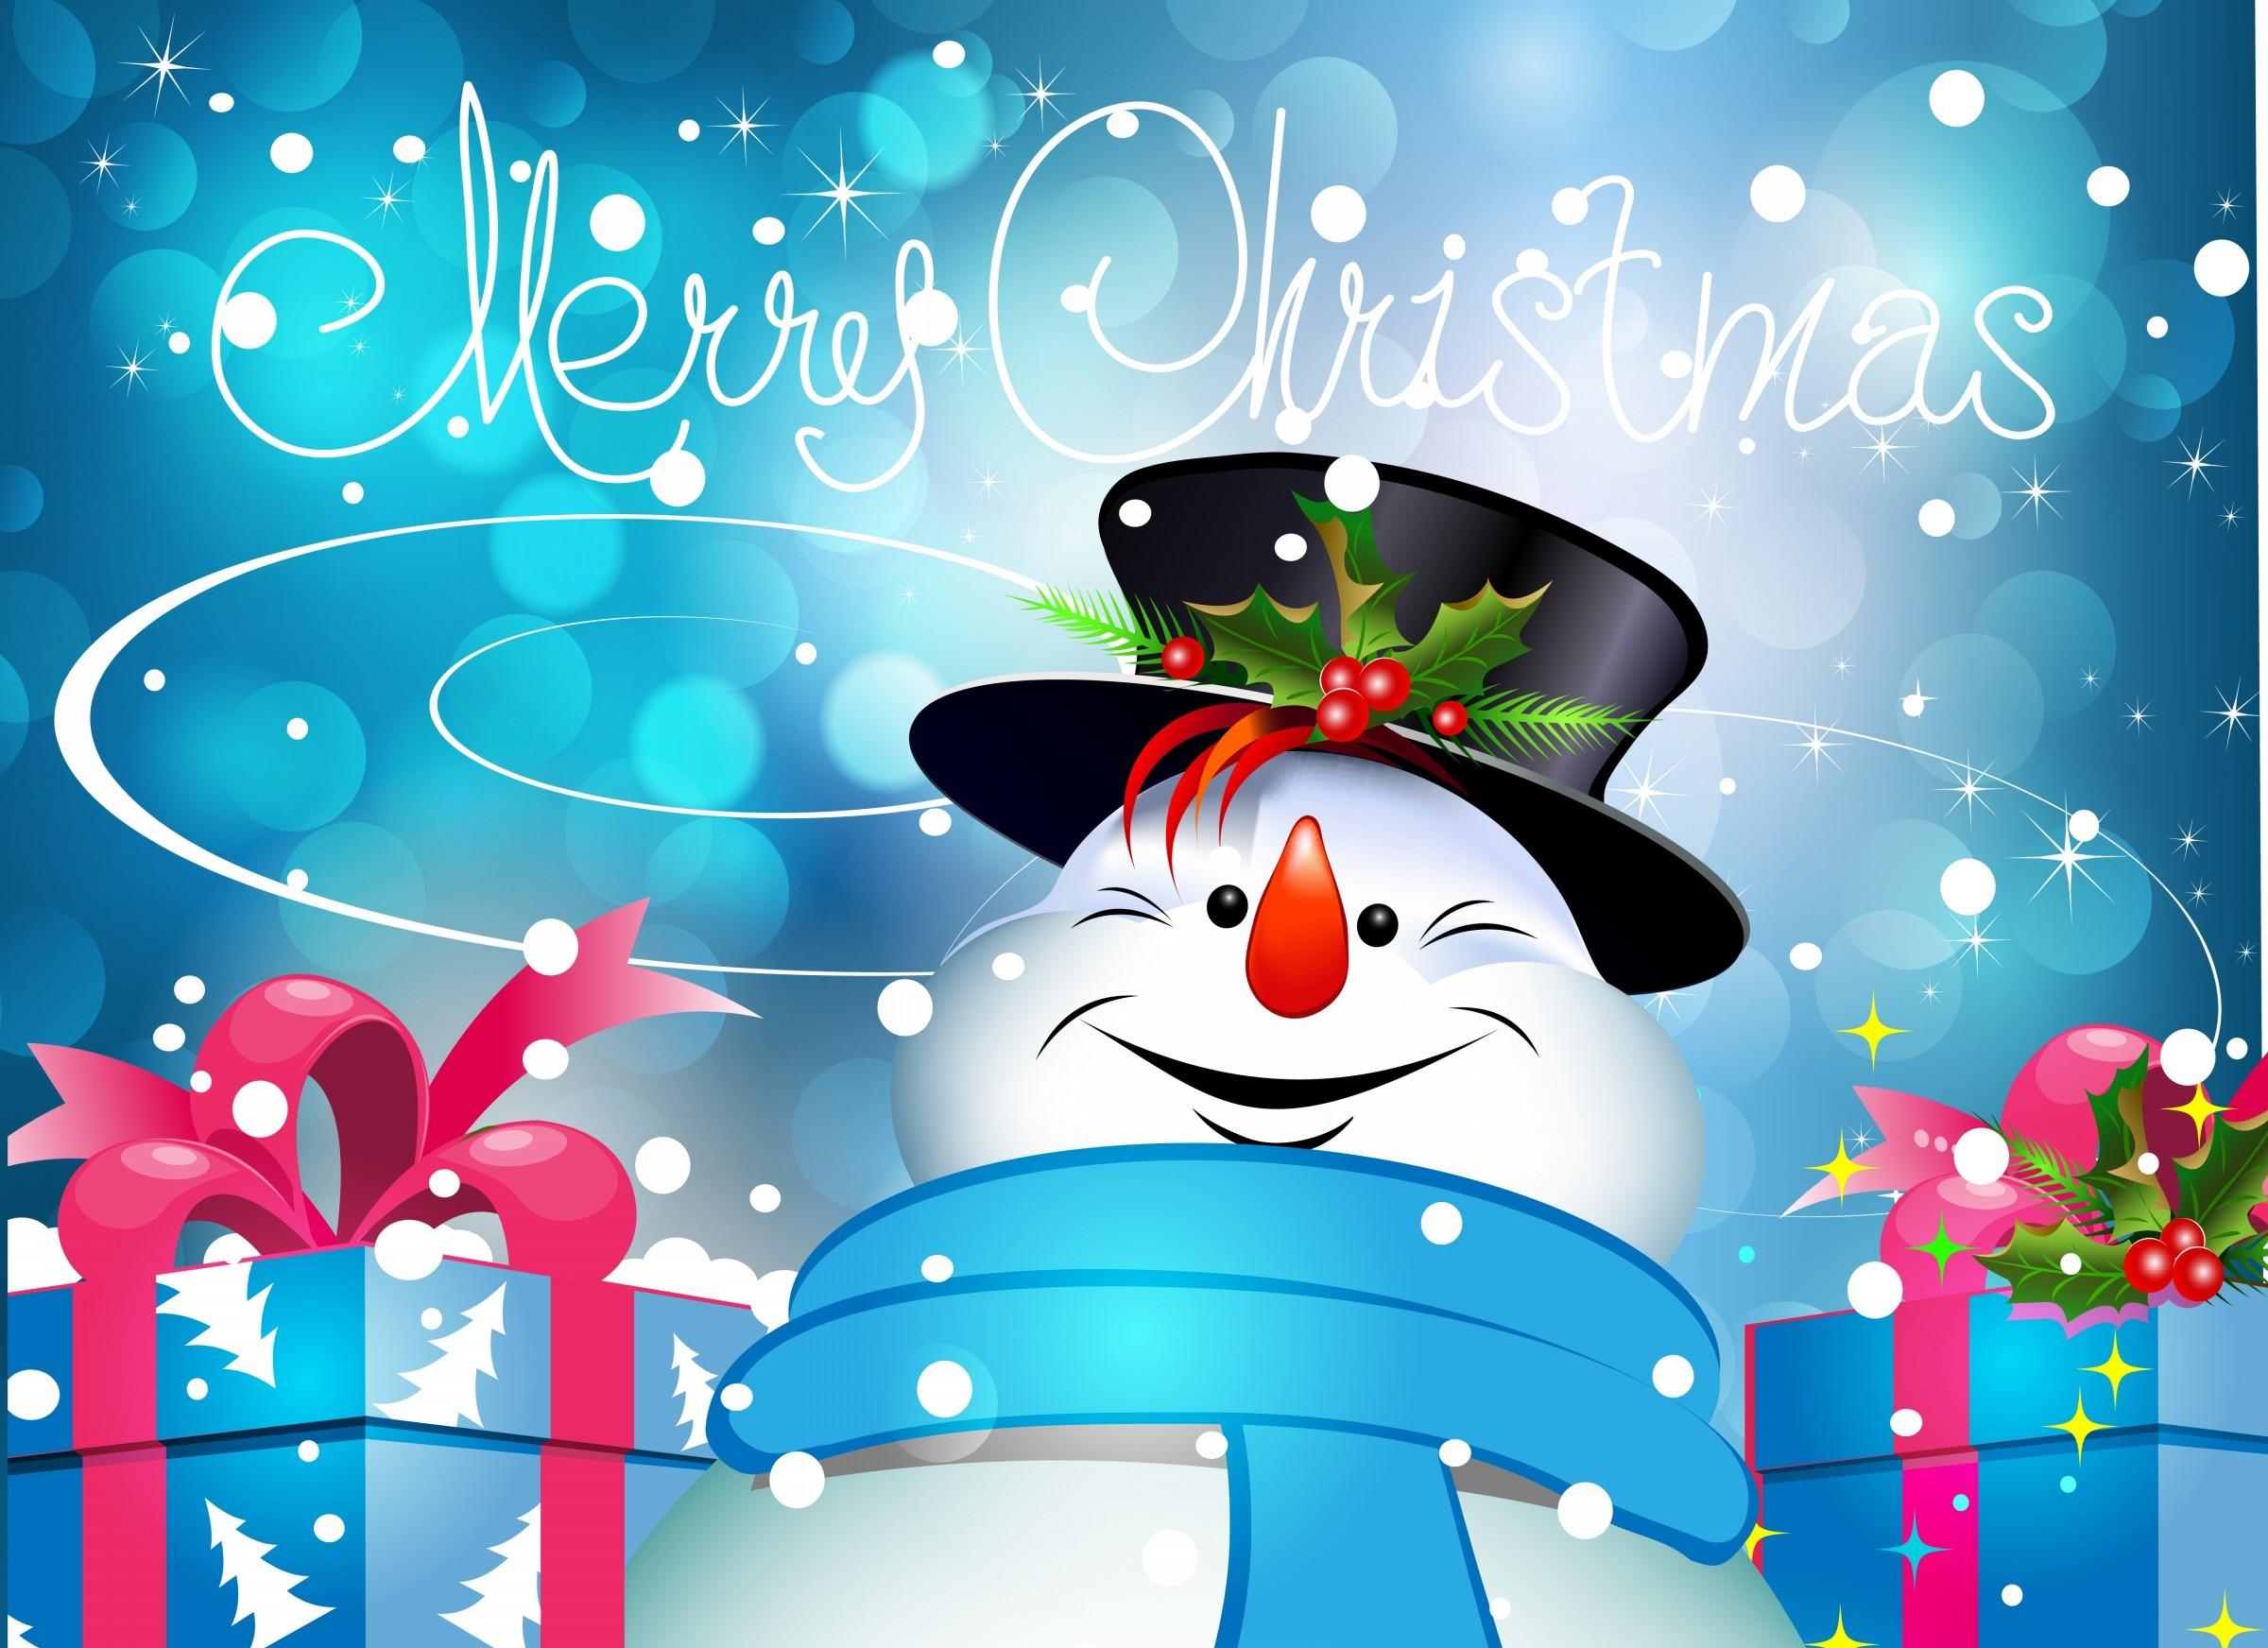 merry christmas desktop wallpaper – 7HDWallpapers